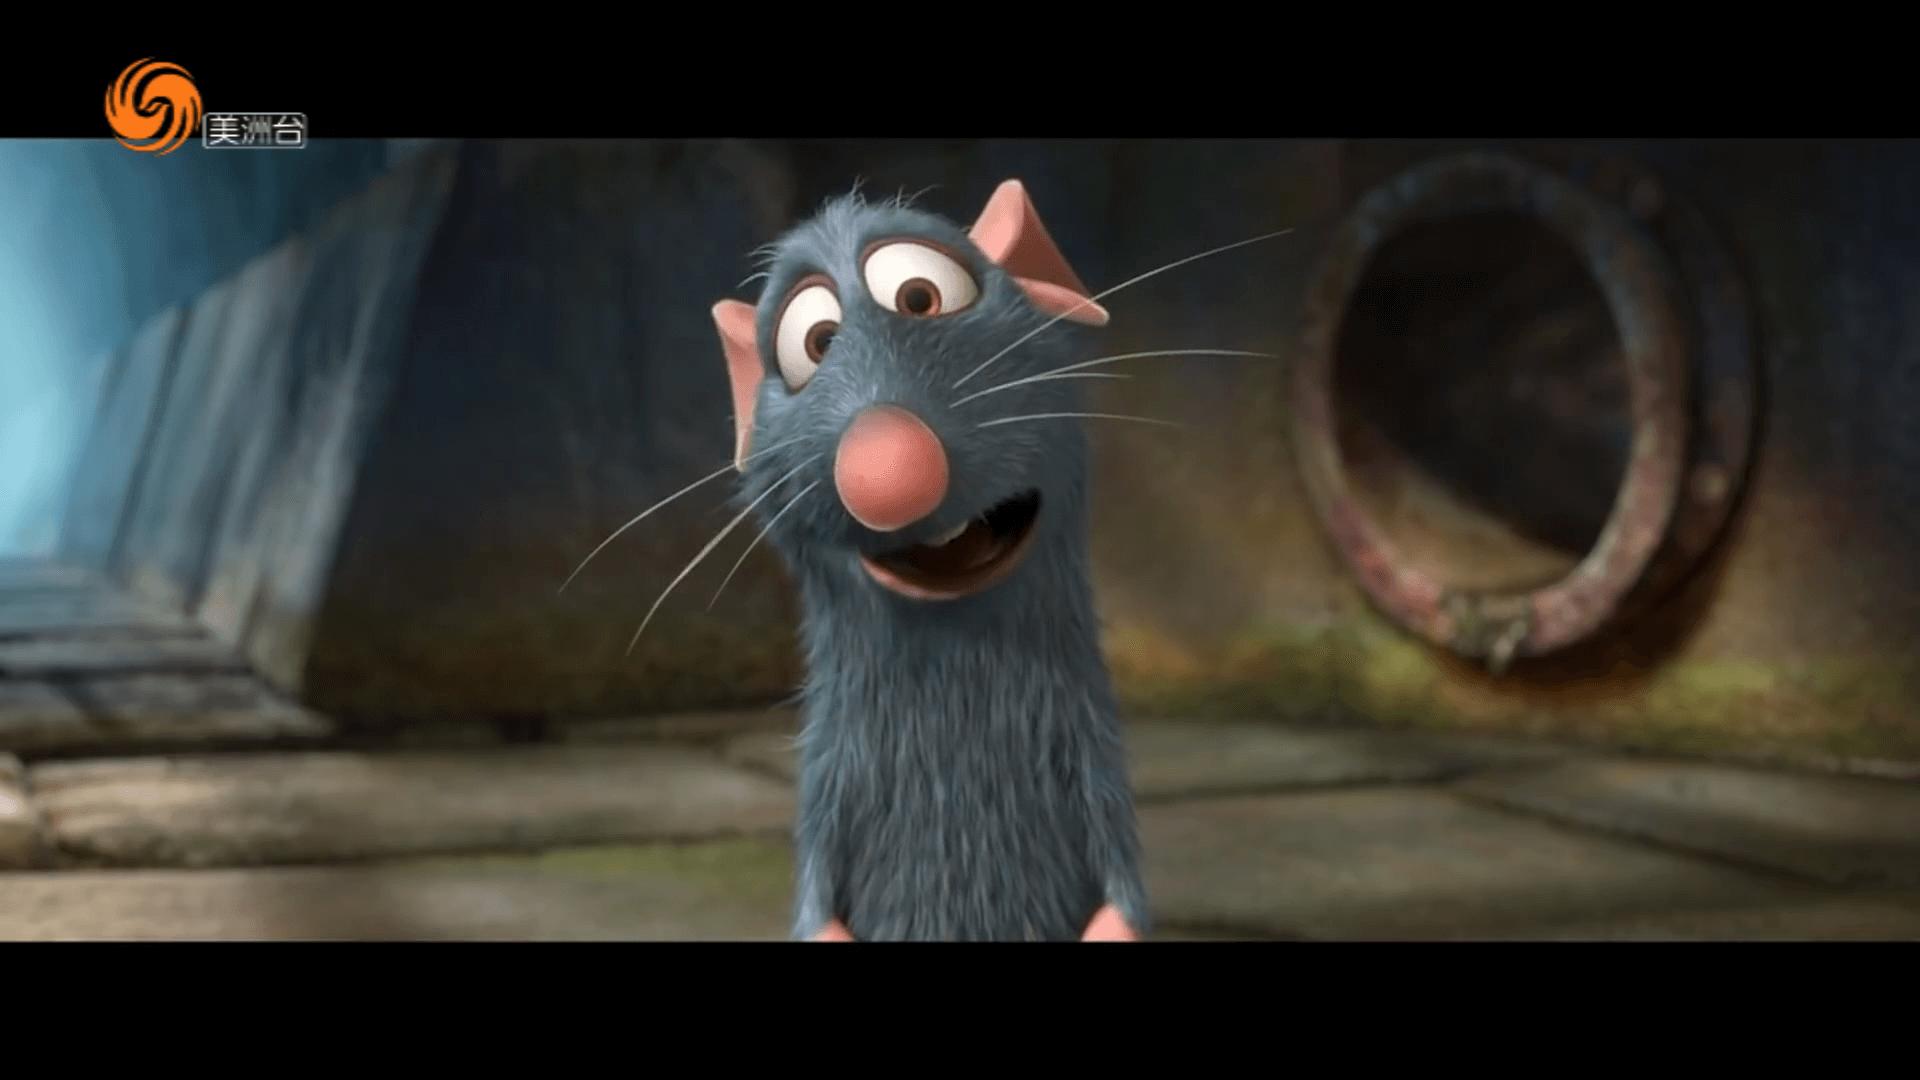 影視裏的鼠明星